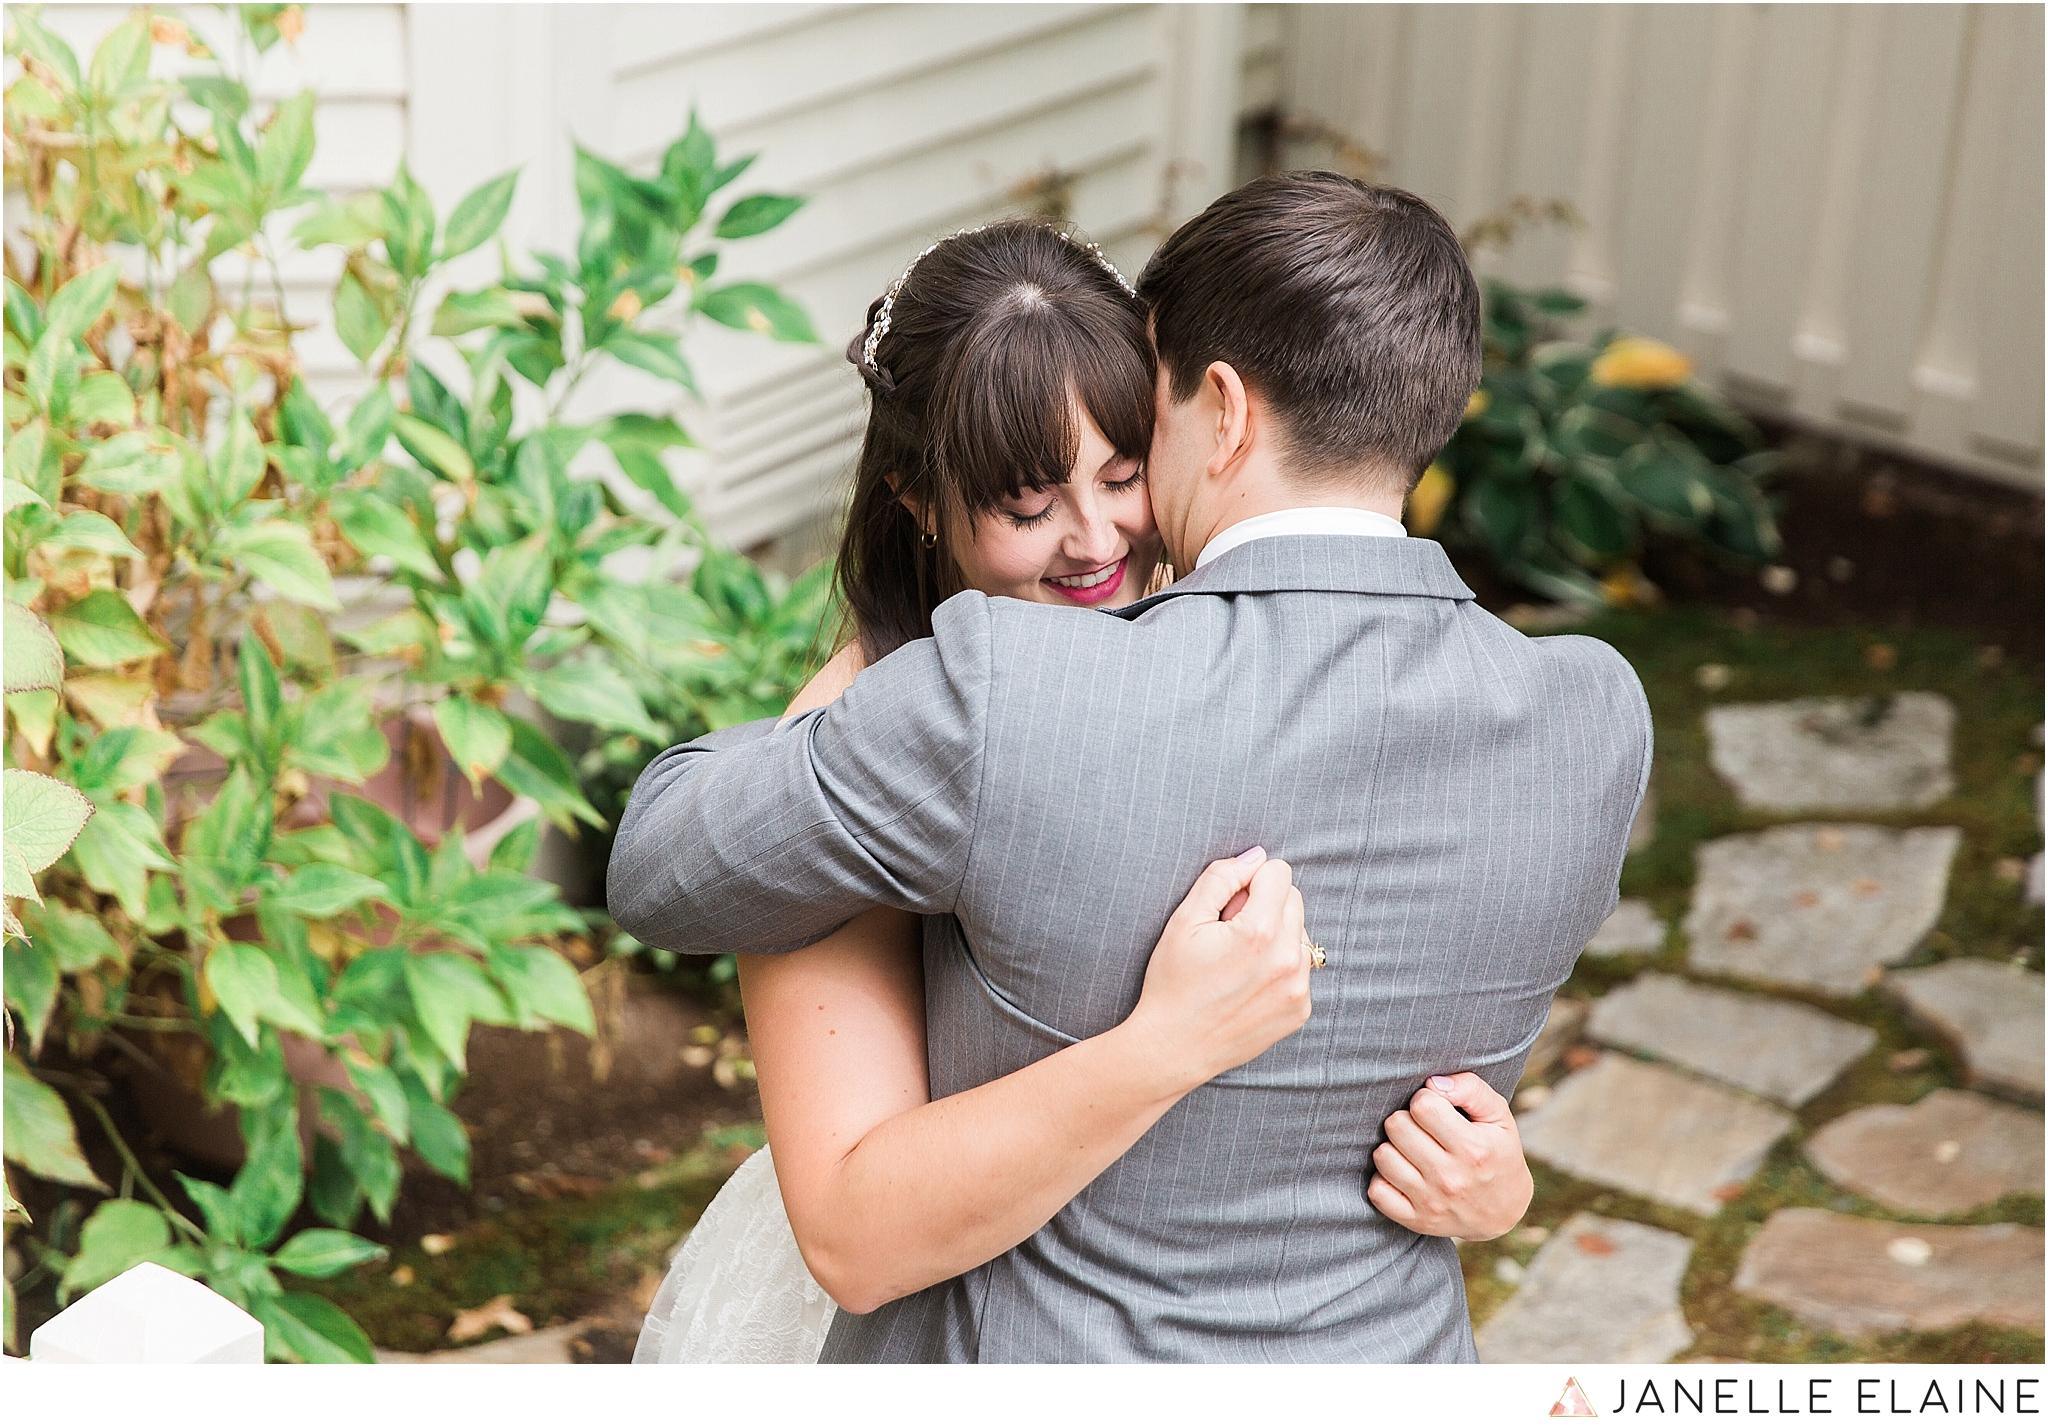 seattle-portrait-engagement-wedding-photographer-janelle-elaine-photography-16.jpg